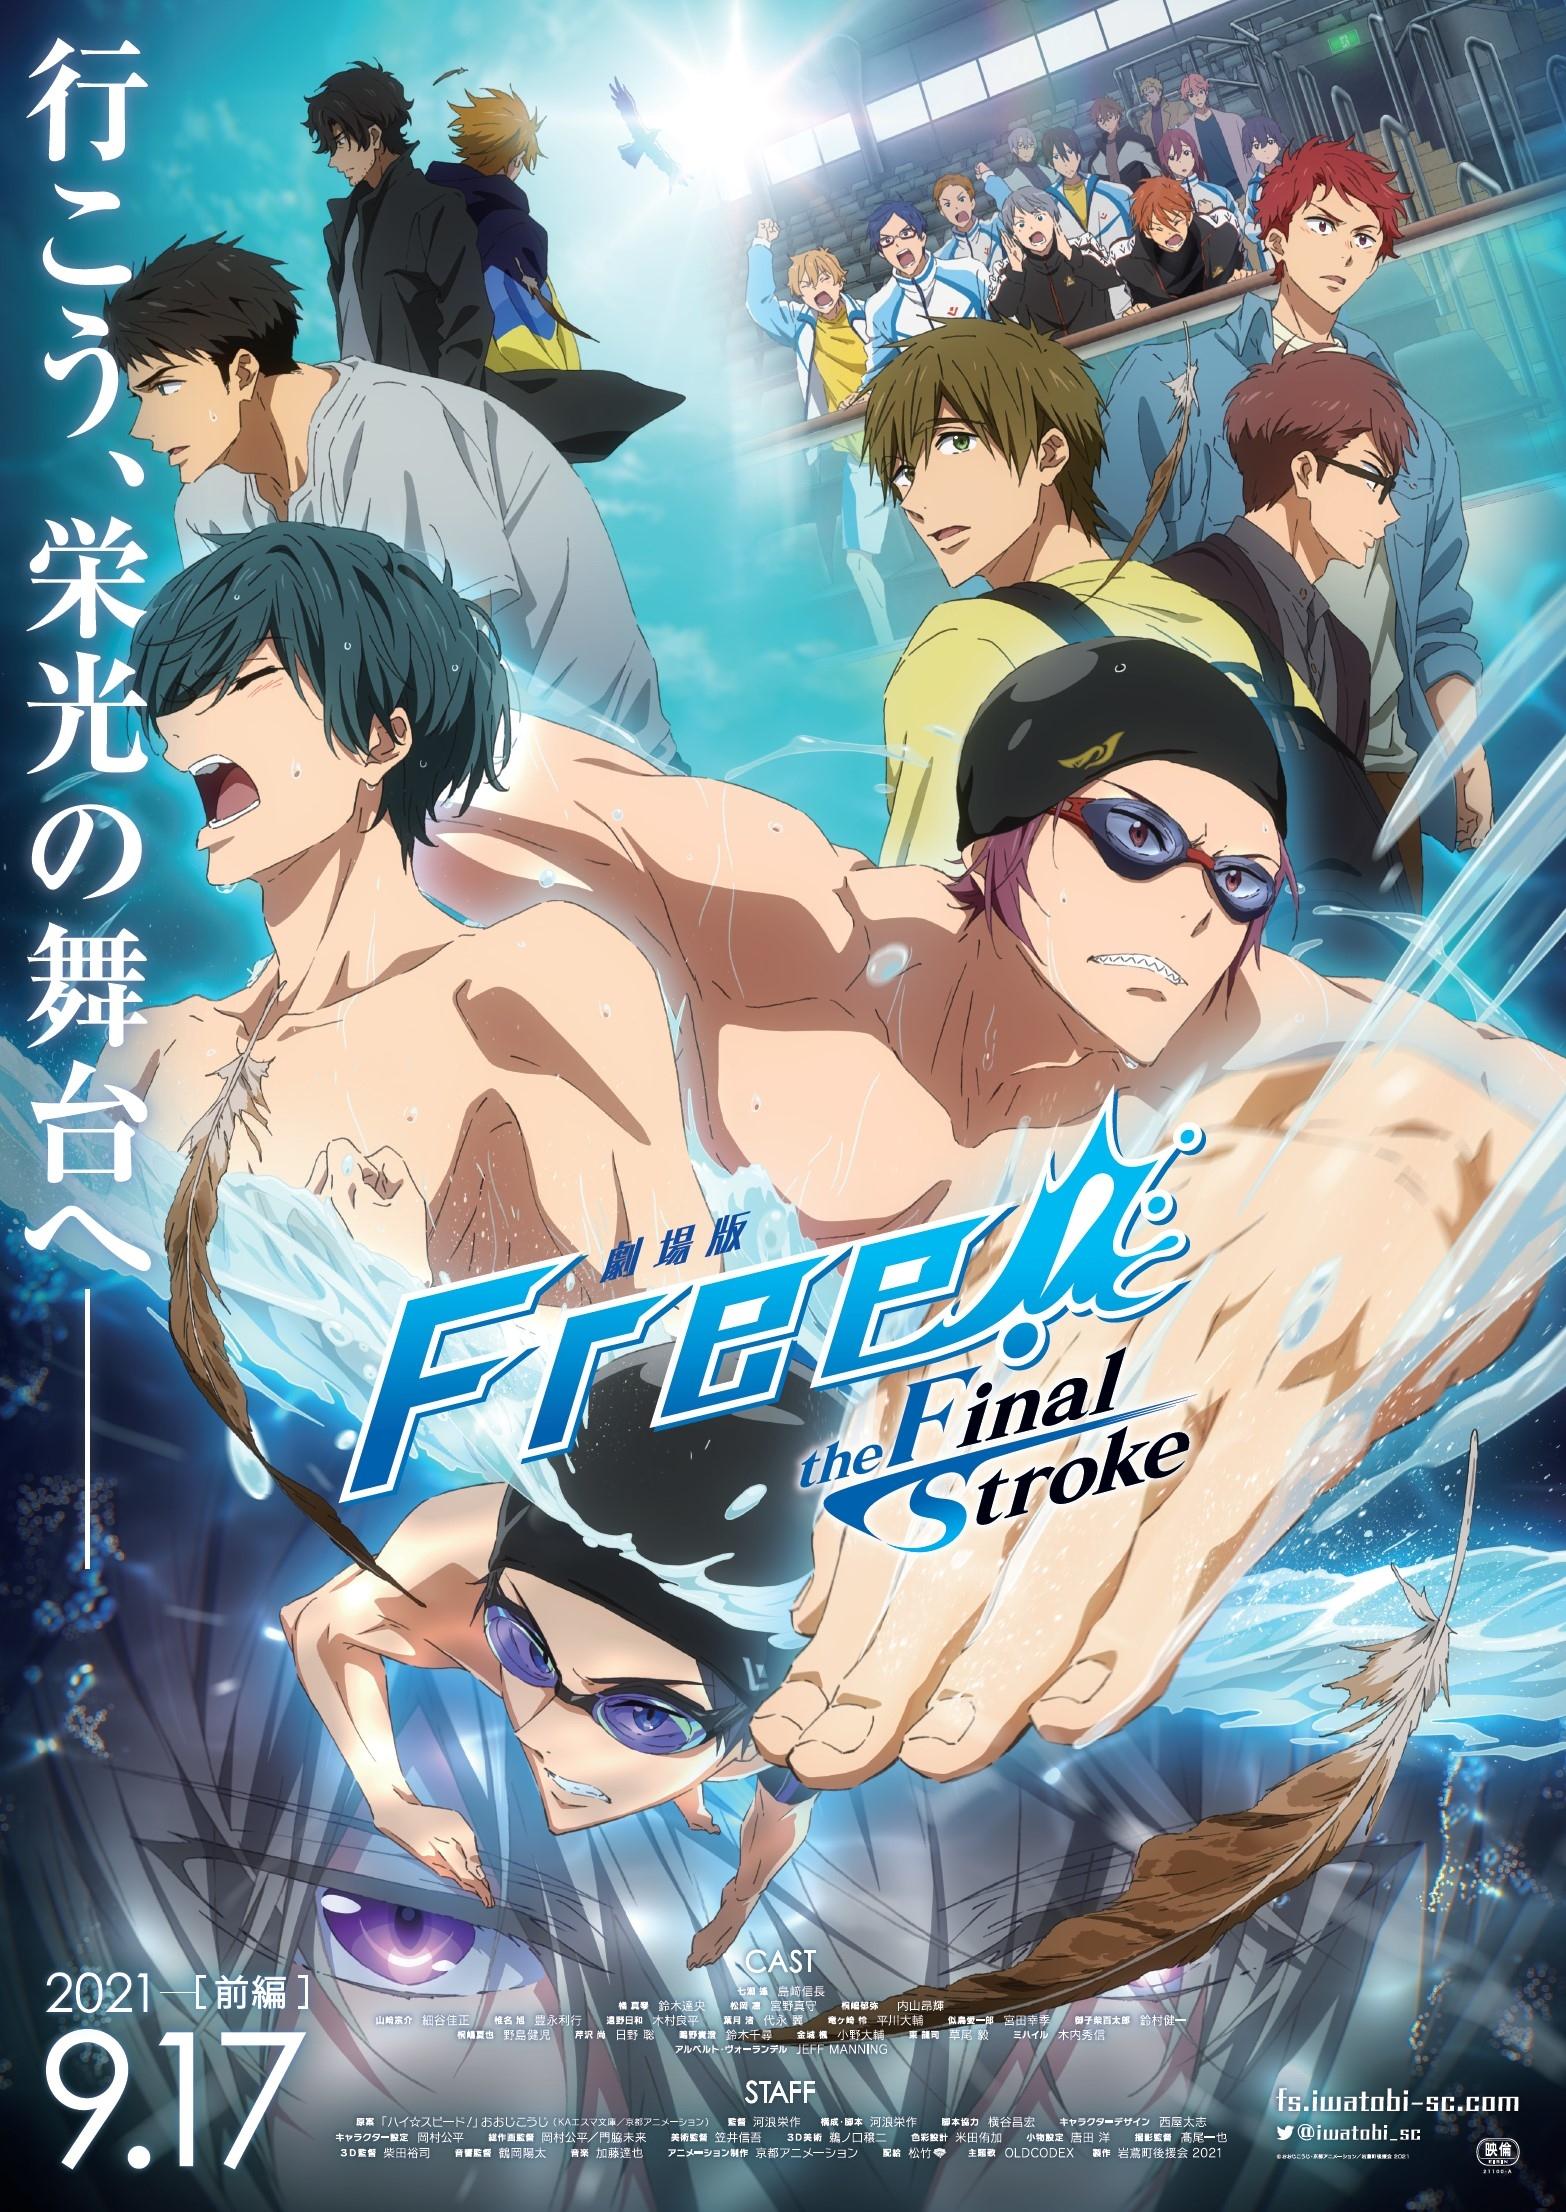 『劇場版 Free!-the Final Stroke-』橘真琴役・鈴木達央さんの起用継続を発表